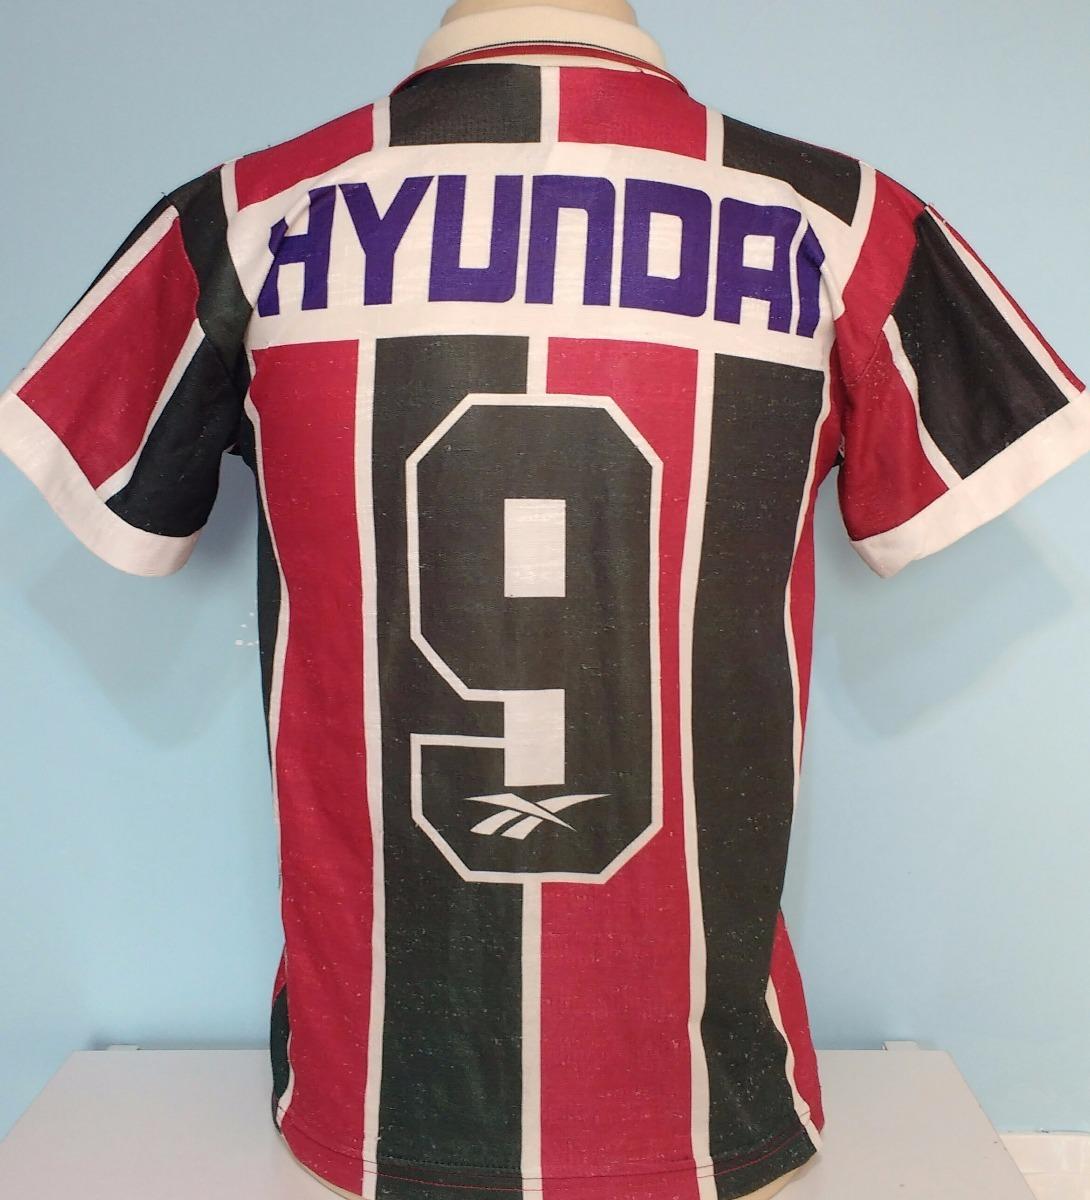 camisa fluminense 1995 campeão carioca original reebok - 95. Carregando  zoom. 8c25e4368f459